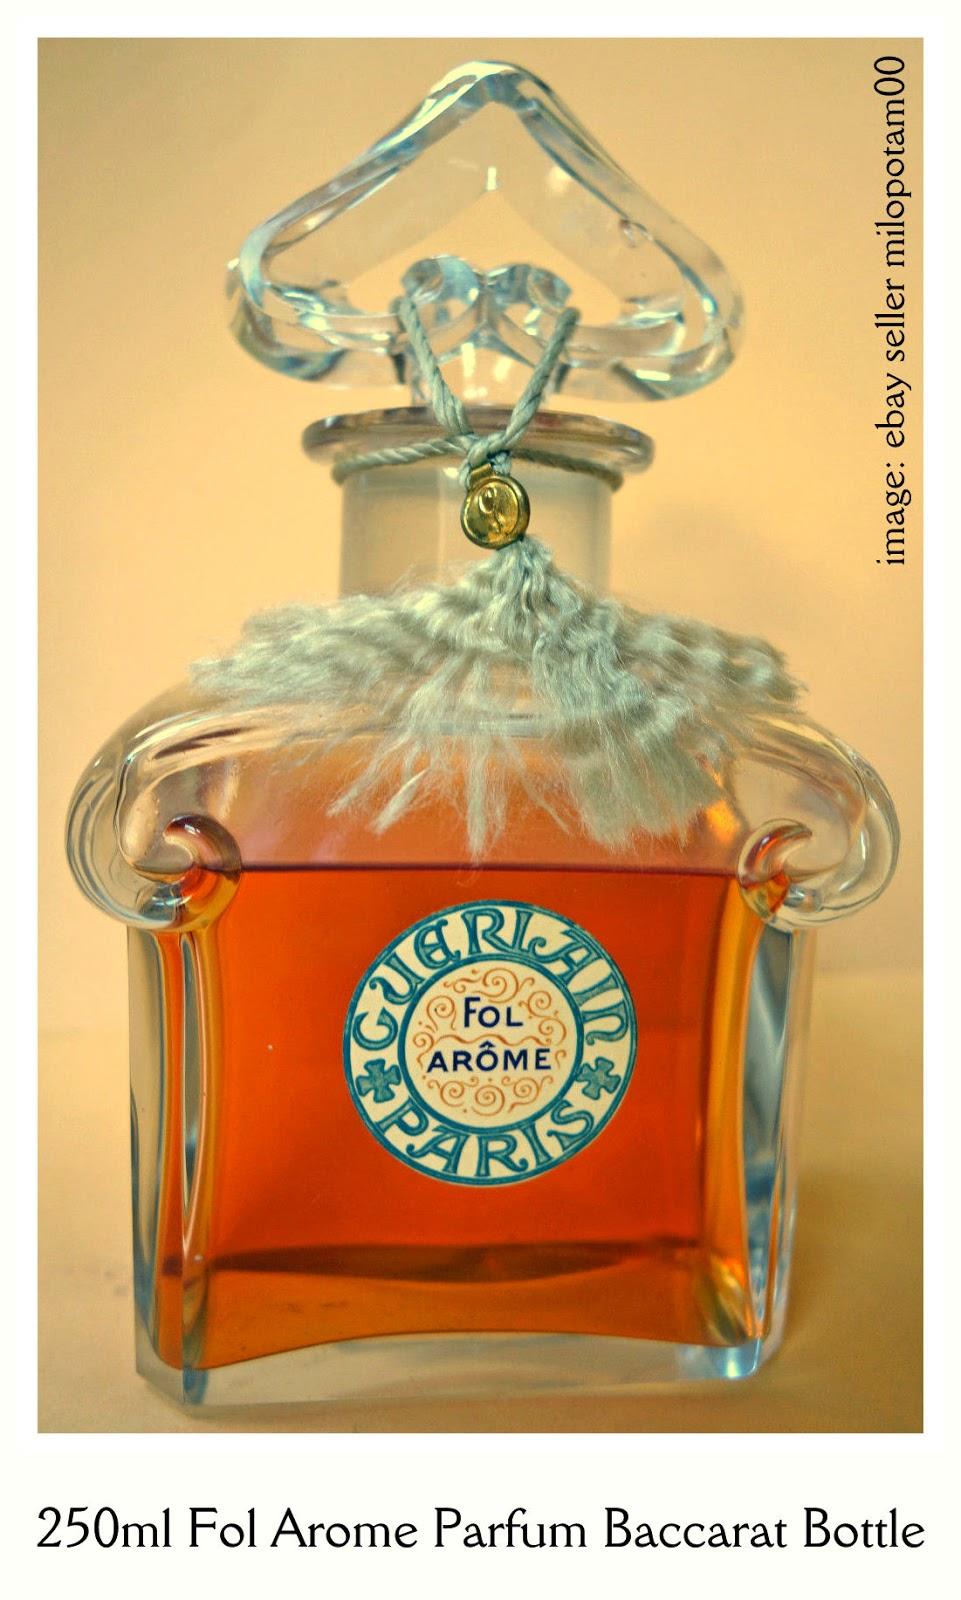 Perfumes2016 Perfumes2016 Guerlain Perfumes2016 Guerlain Guerlain Perfumes2016 Perfumes2016 Guerlain Guerlain Perfumes2016 Guerlain zUVpqSM